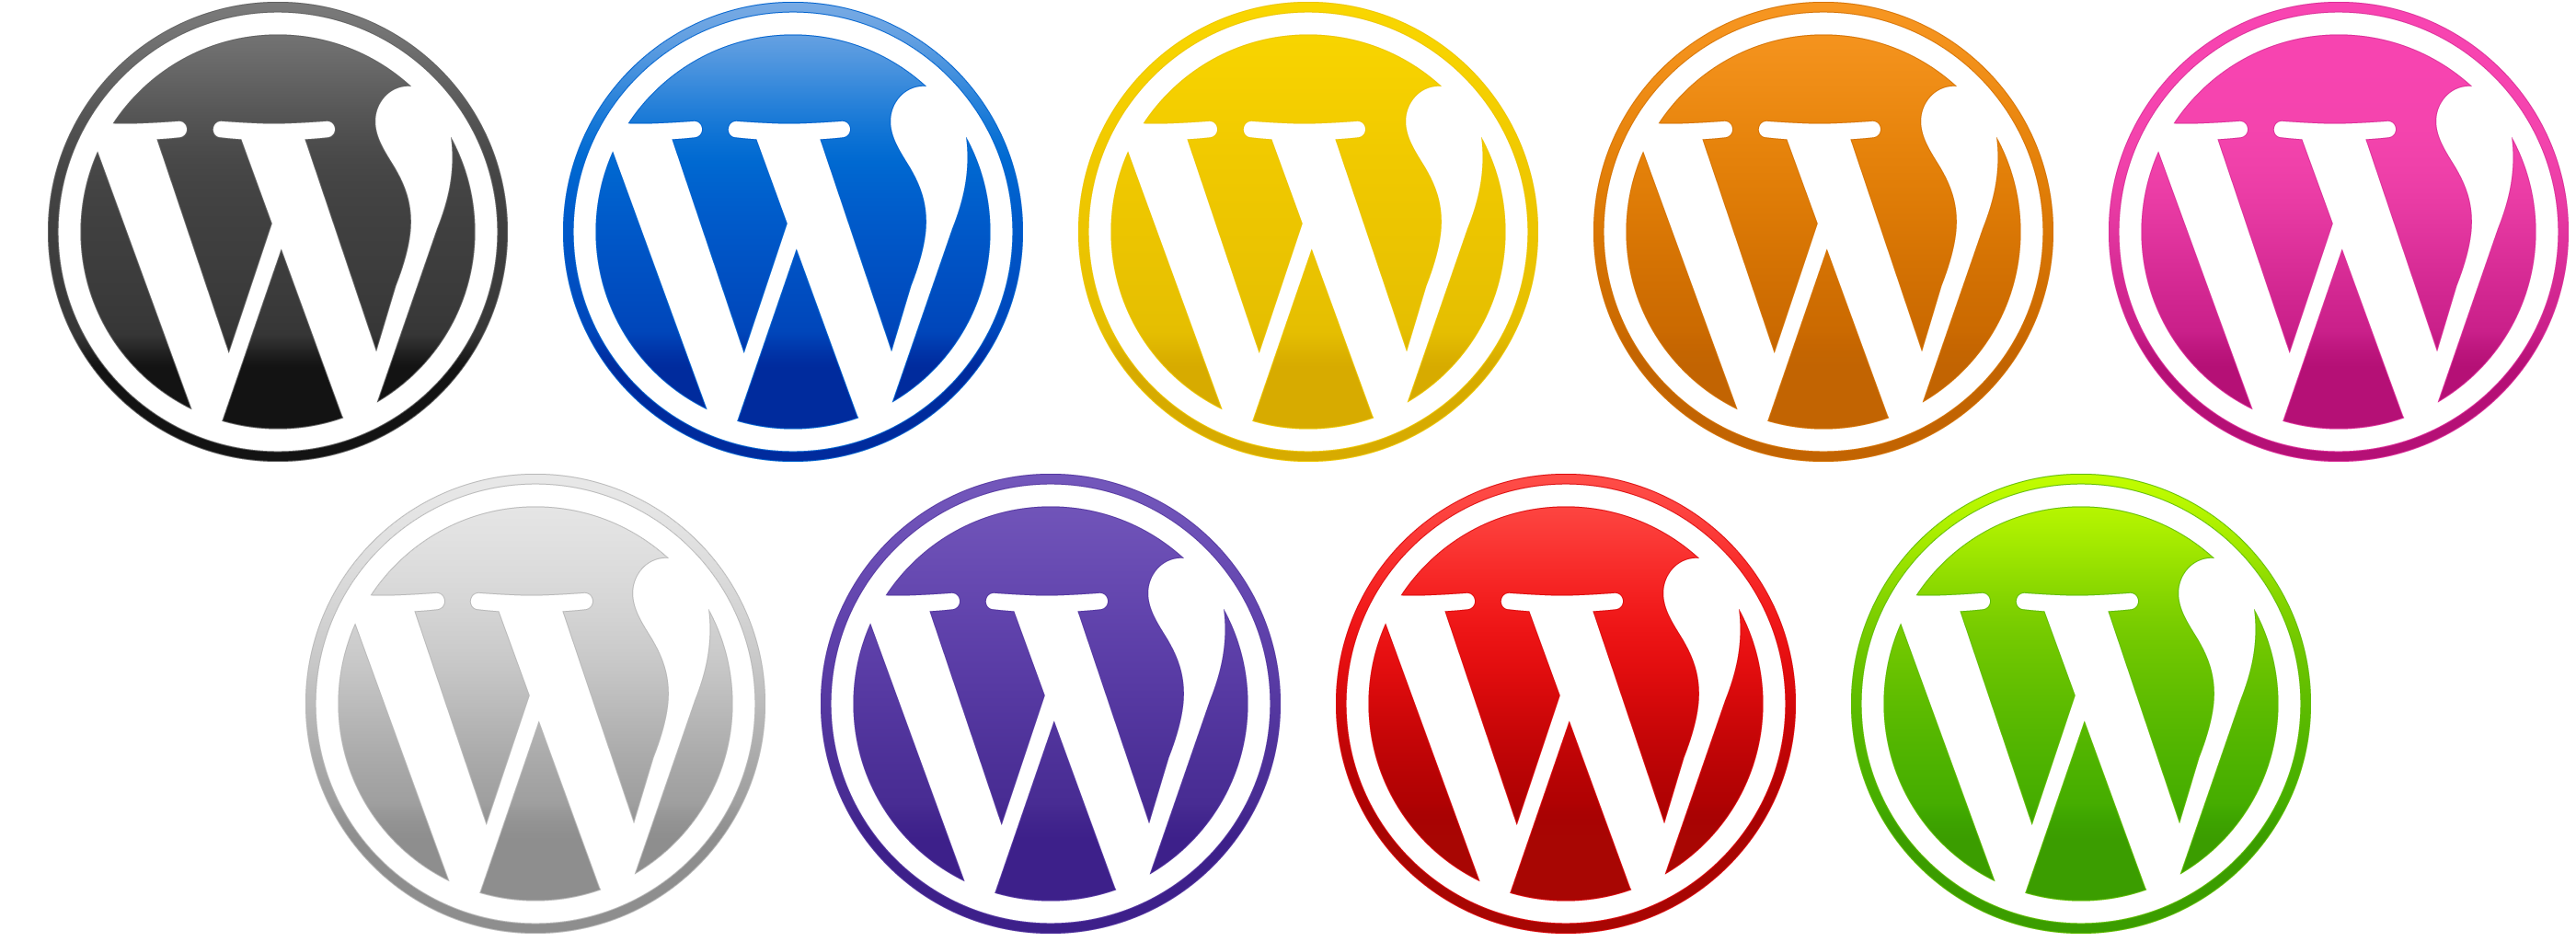 Instala WordPress en 5 minutos con todo